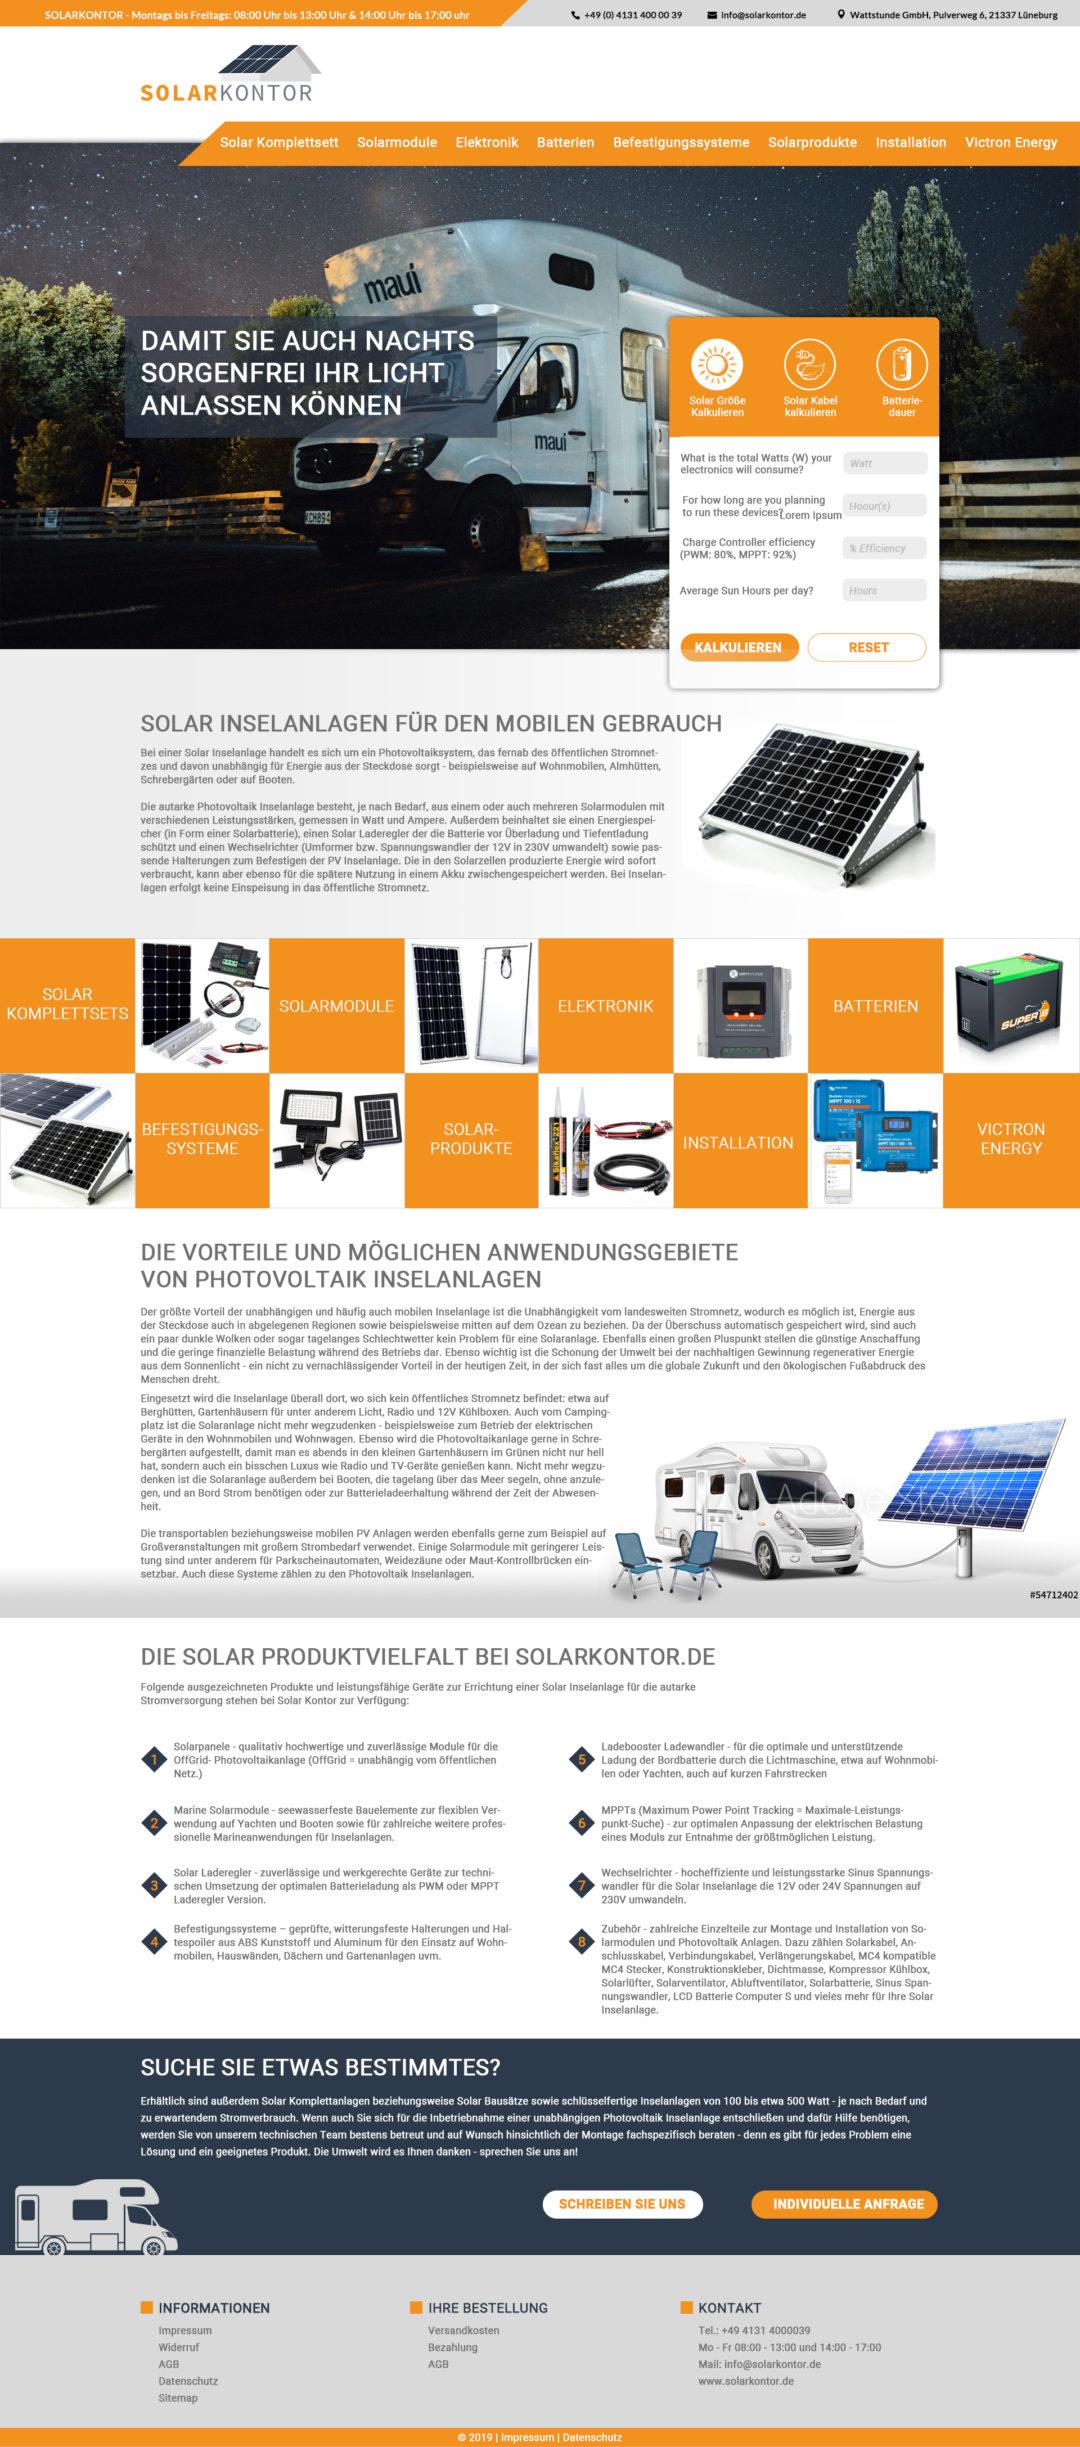 Solaranlagen Design